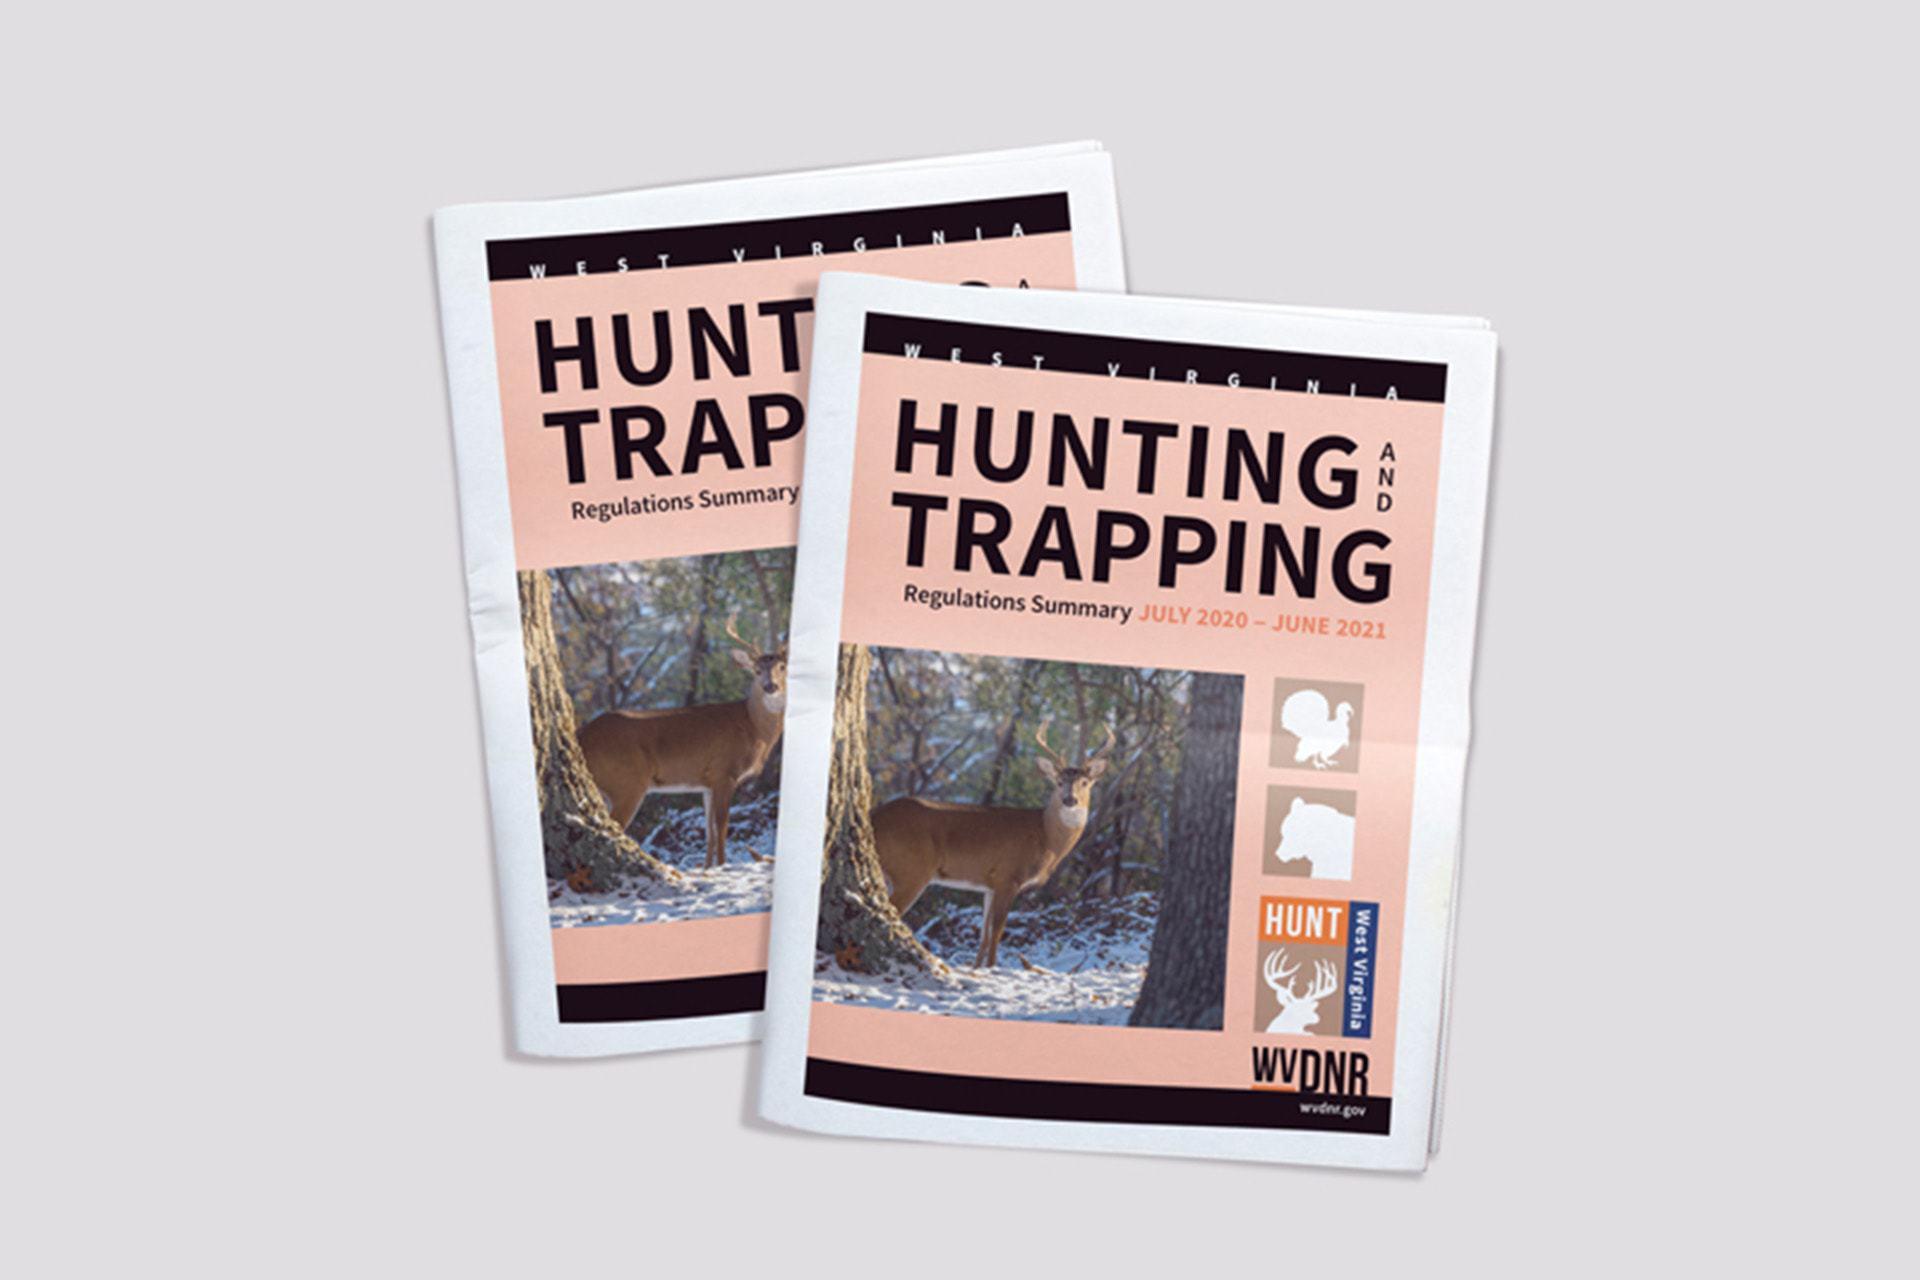 Wvdnr Explains Hunting Season Changes In 2020-2021 Hunting throughout Deer Hunting Calendar 2021